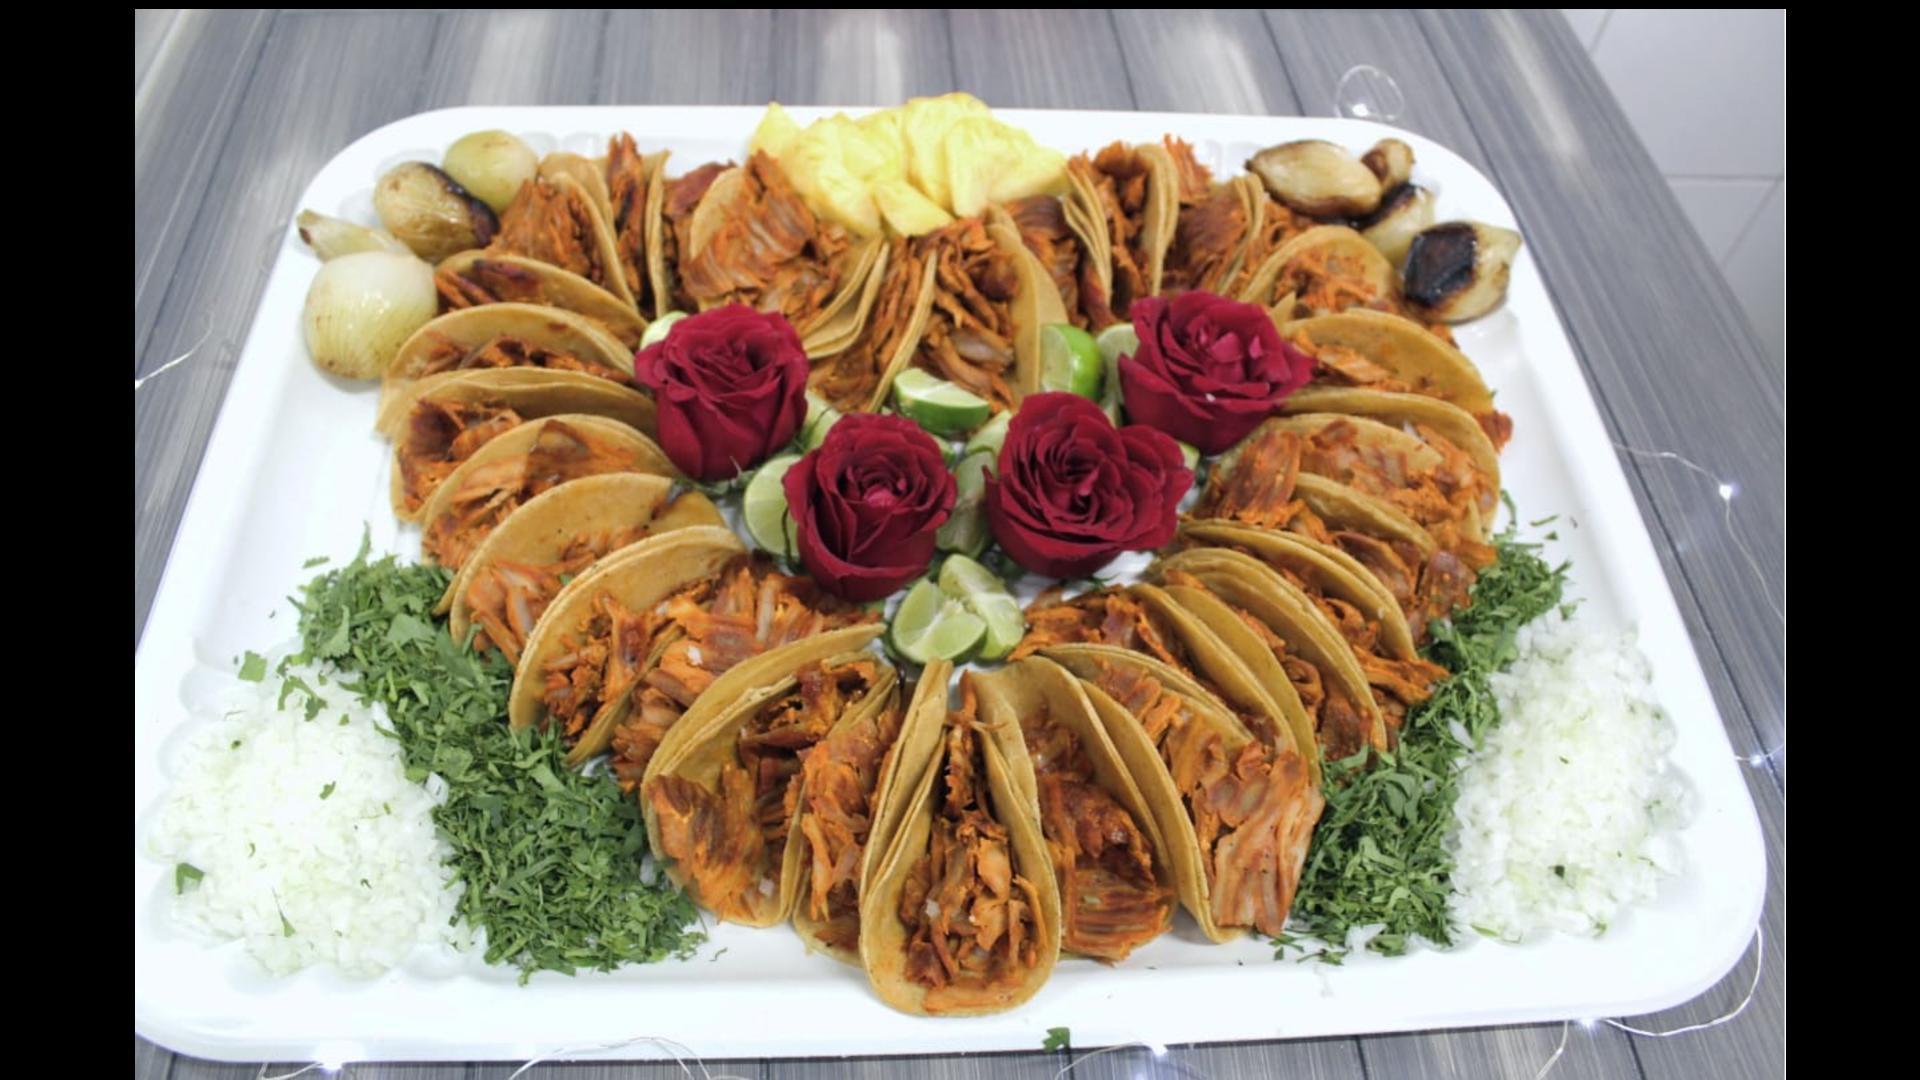 Roscas y ramos de tacos para festejar el 14 de febrero en la CDMX